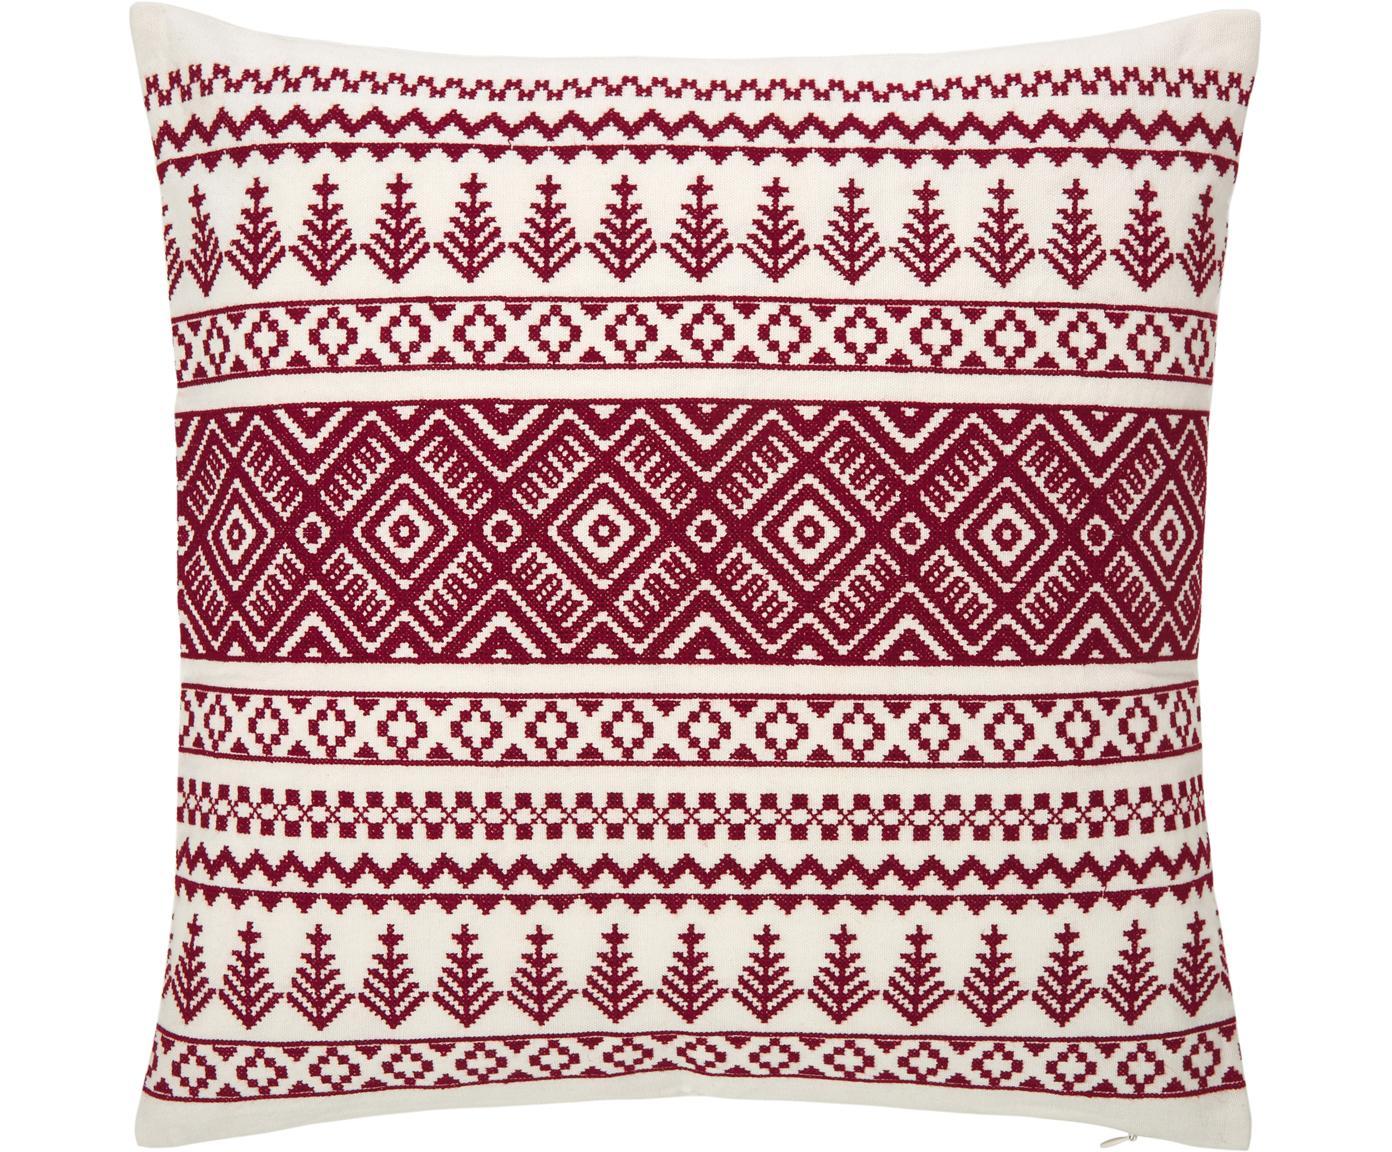 Kissenhülle Islay mit winterlichen Motiven, 100% Baumwolle, Rot, Cremeweiß, 45 x 45 cm